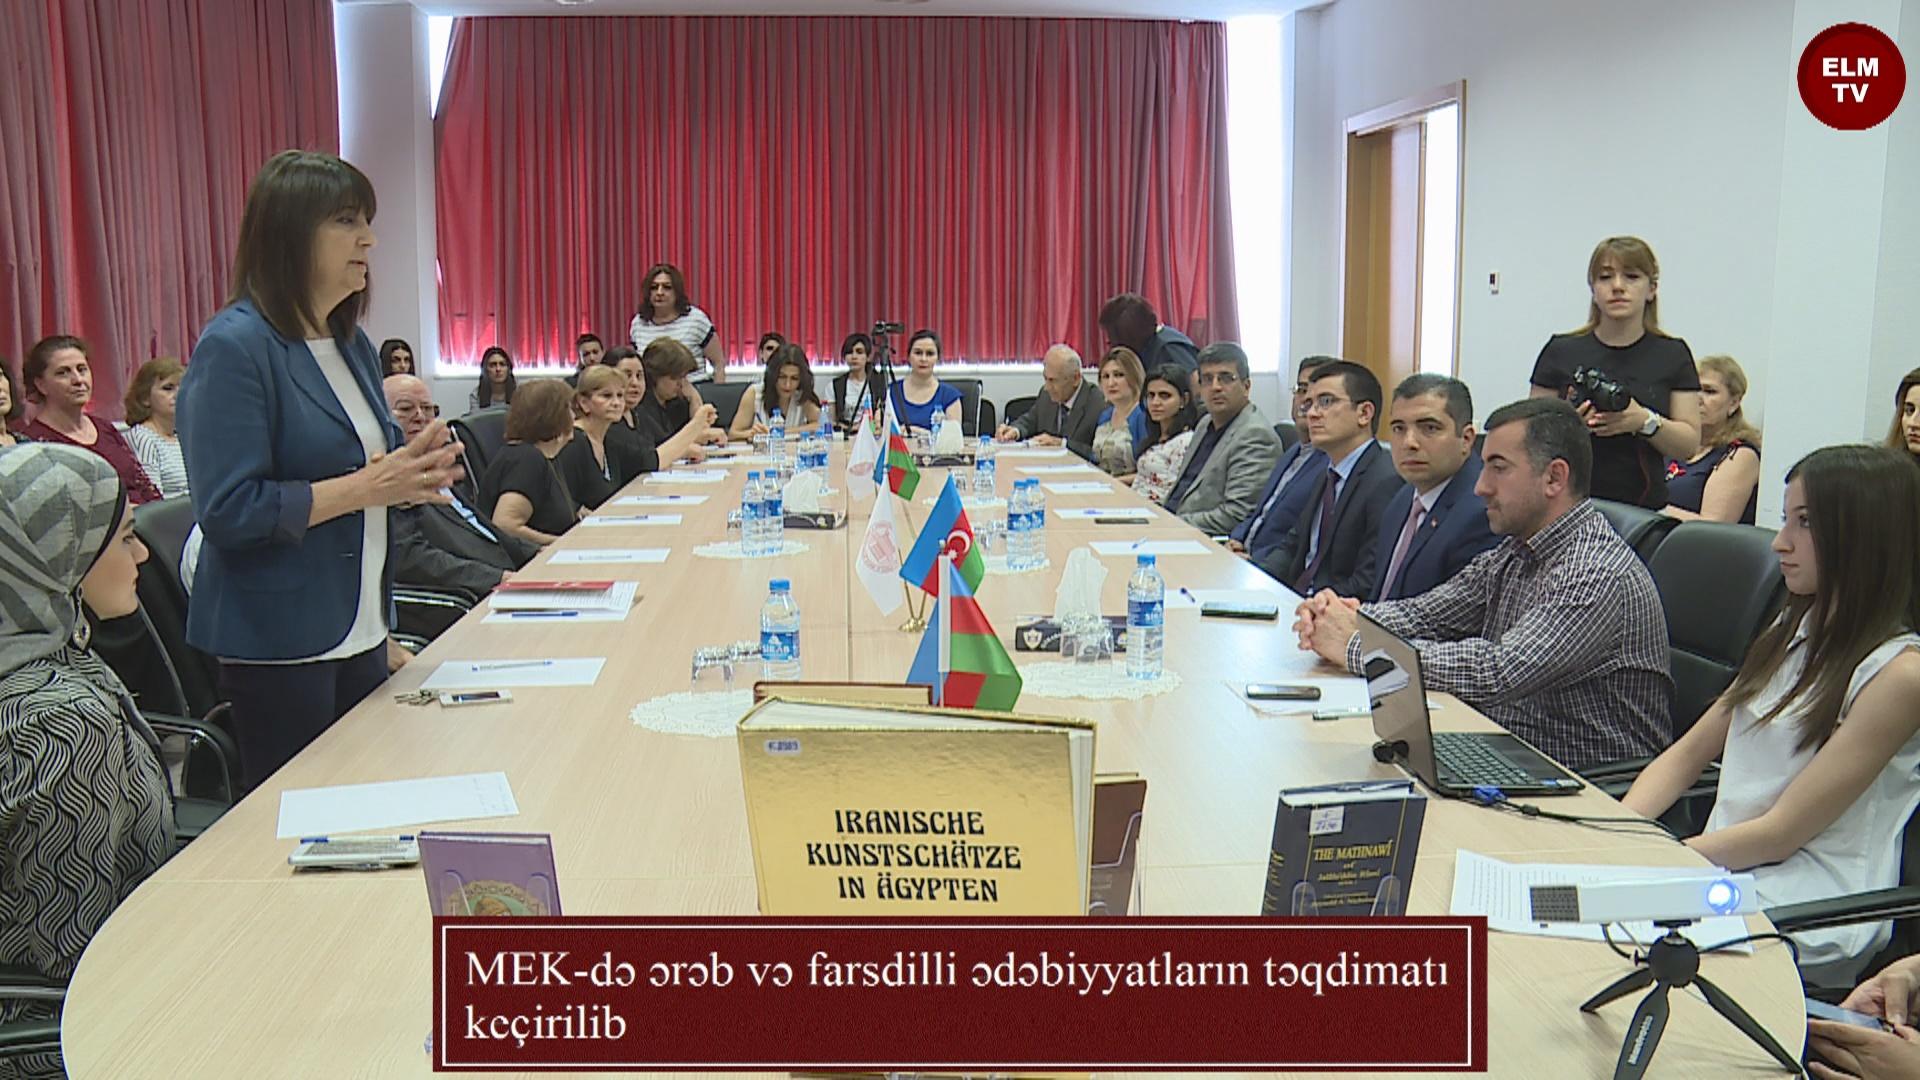 MEK-də ərəb və farsdilli ədəbiyyatların təqdimatı keçirilib